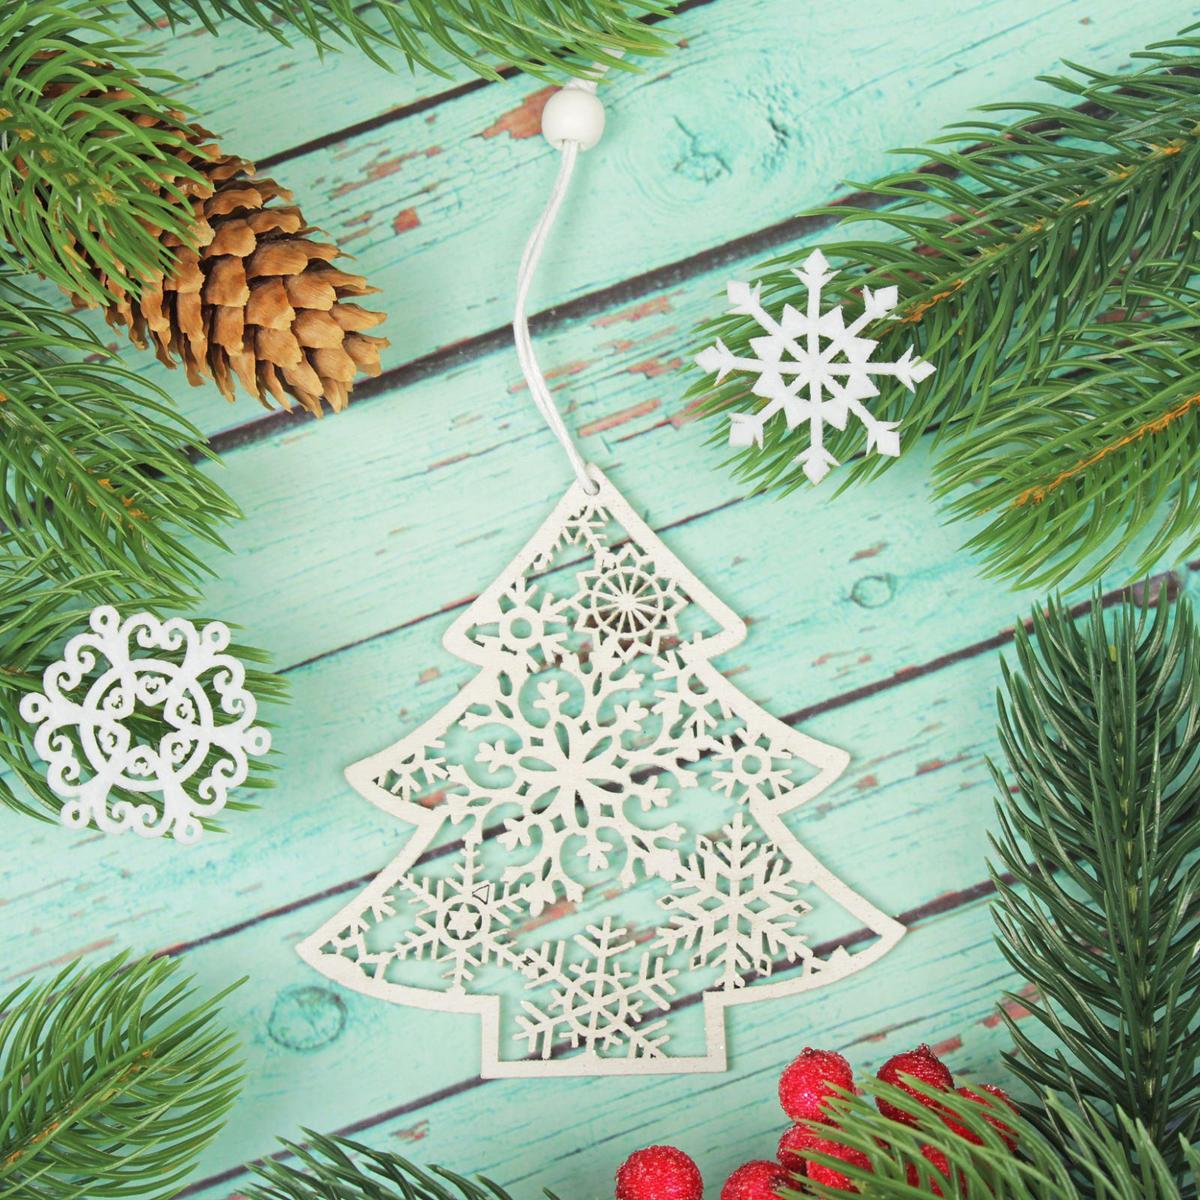 Украшение новогоднее подвесное Елочка в блестках2303462Новогоднее украшение, выполненное из дерева, отлично подойдет для декорации вашего дома и новогодней ели. С помощью специальнойпетельки украшение можно повесить в любом понравившемся вам месте. Но, конечно, удачнее всего оно будет смотреться на праздничной елке. Елочная игрушка - символ Нового года. Она несет в себе волшебство и красоту праздника. Такое украшение создаст в вашем домеатмосферу праздника, веселья и радости.